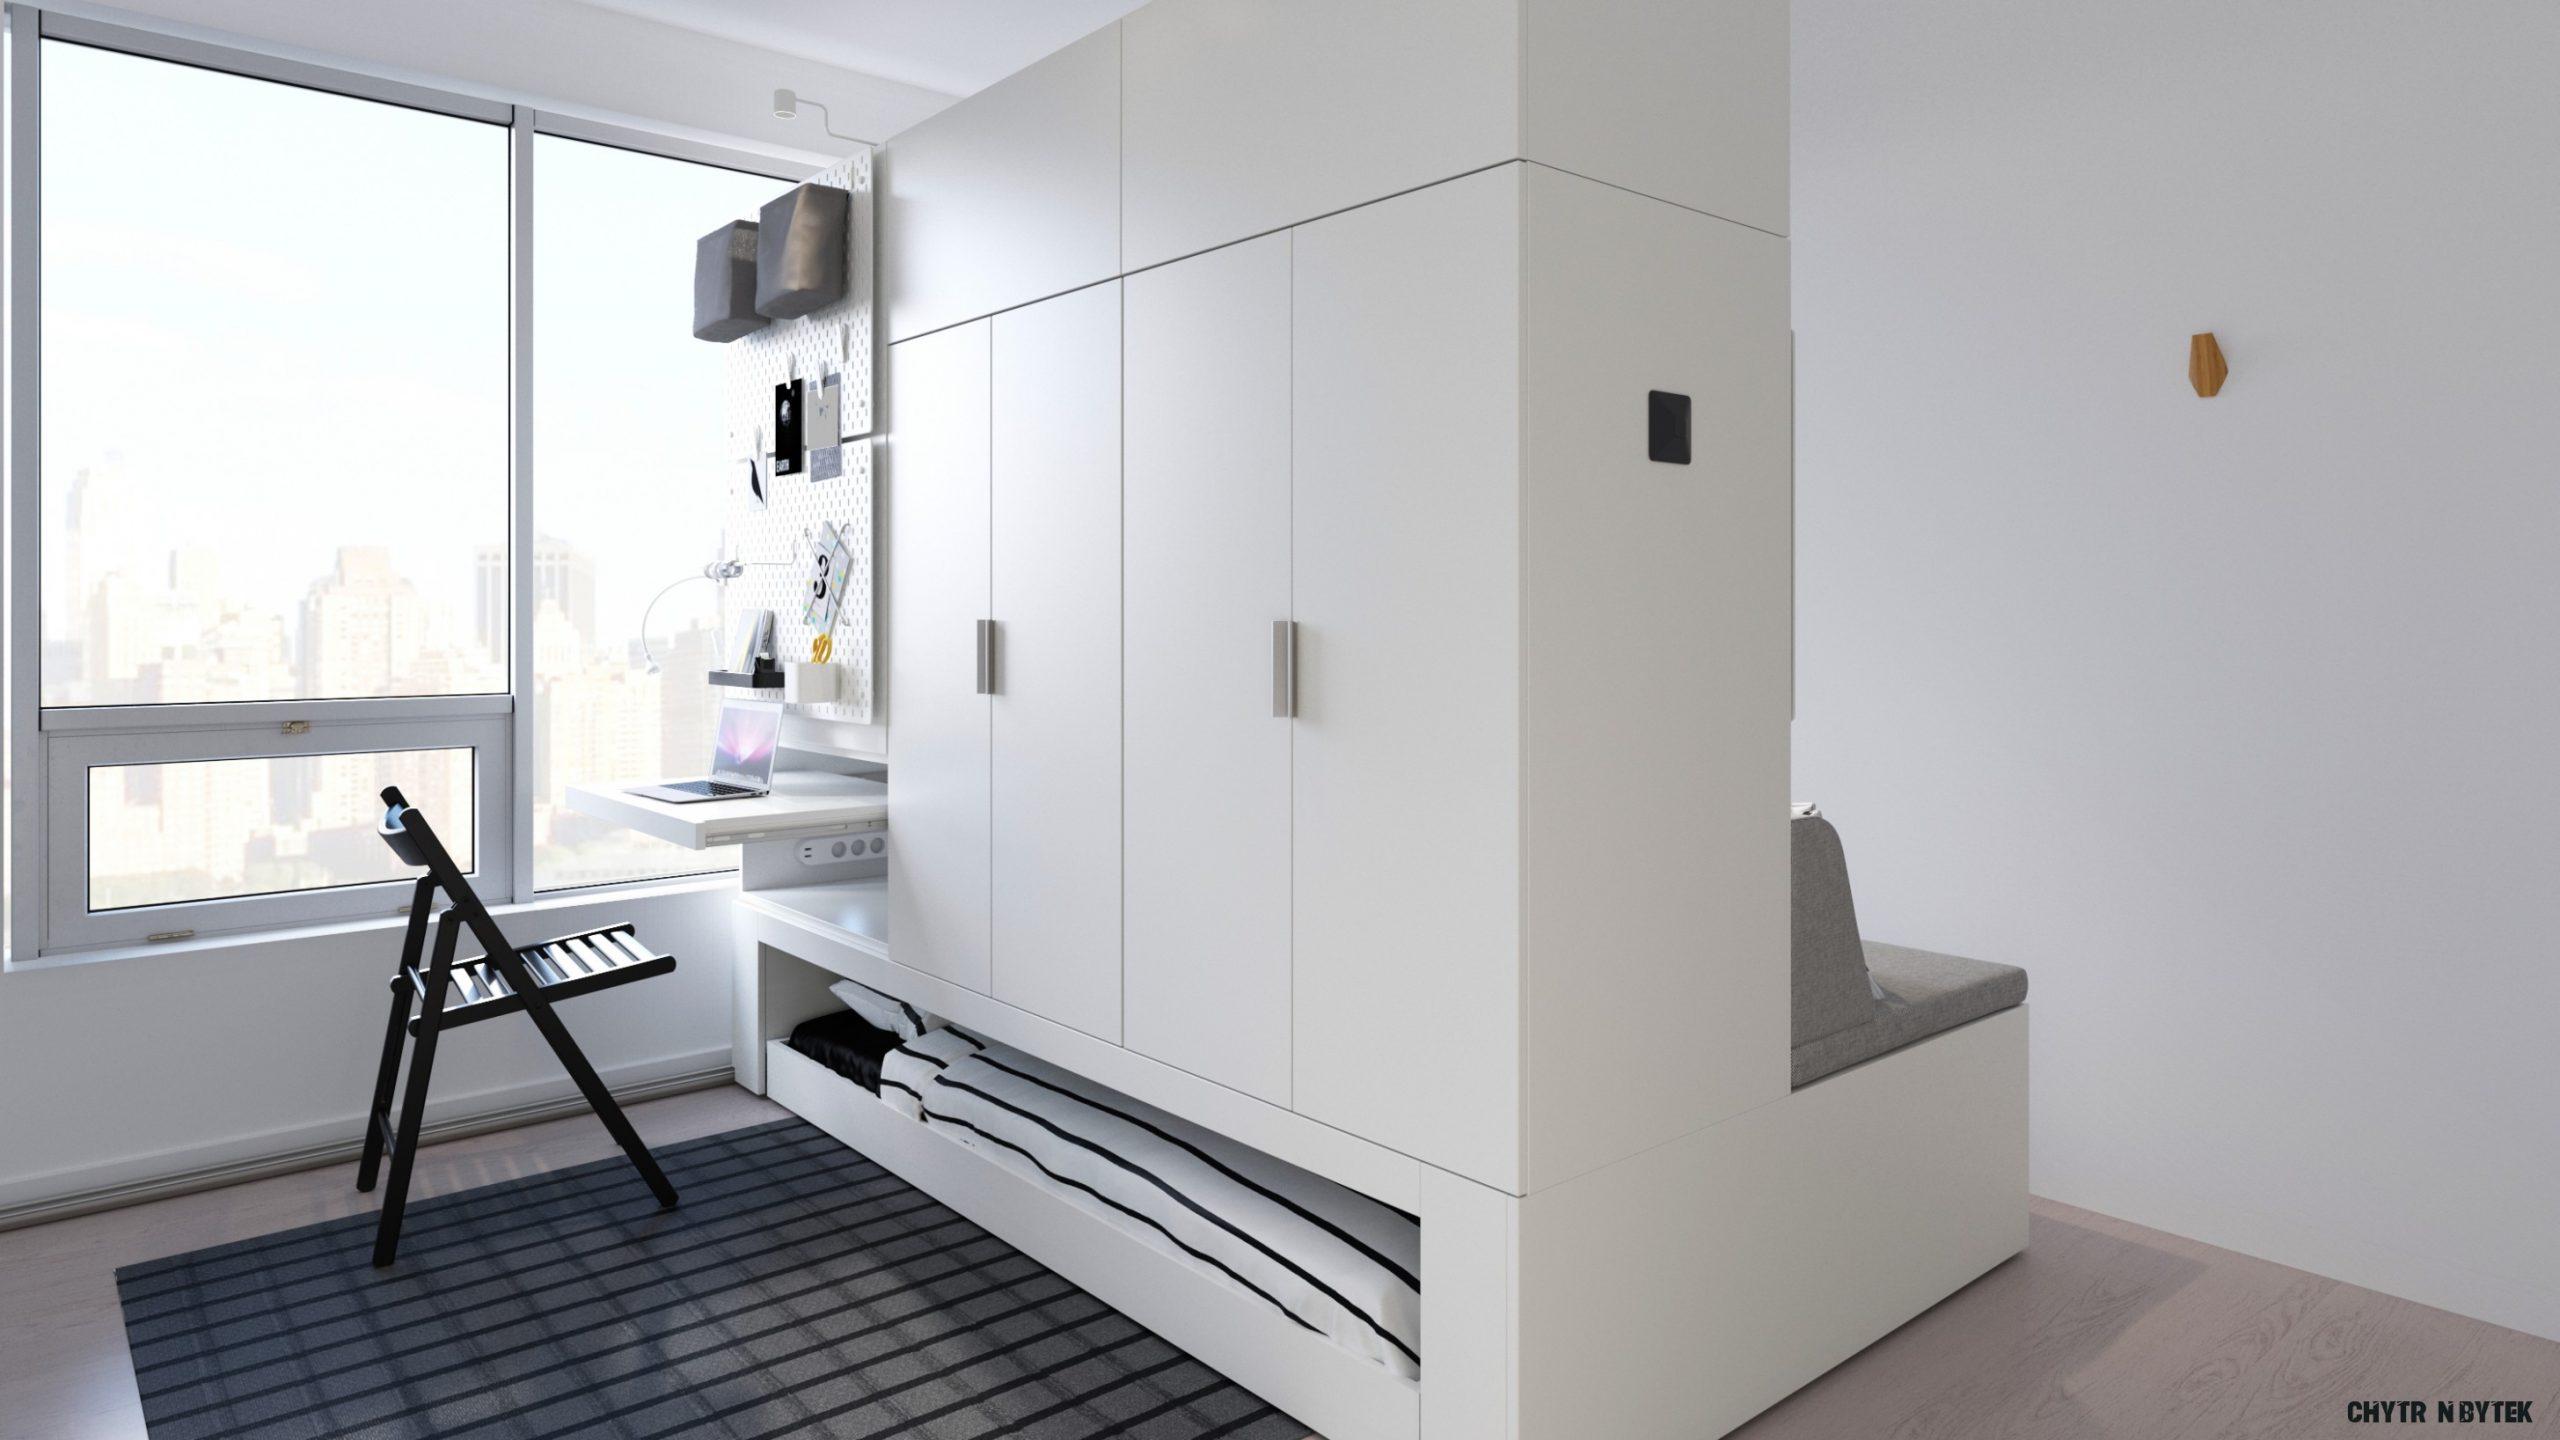 Ikea zkombinovala nábytek s robotikou. Chytrý byt se promění dle